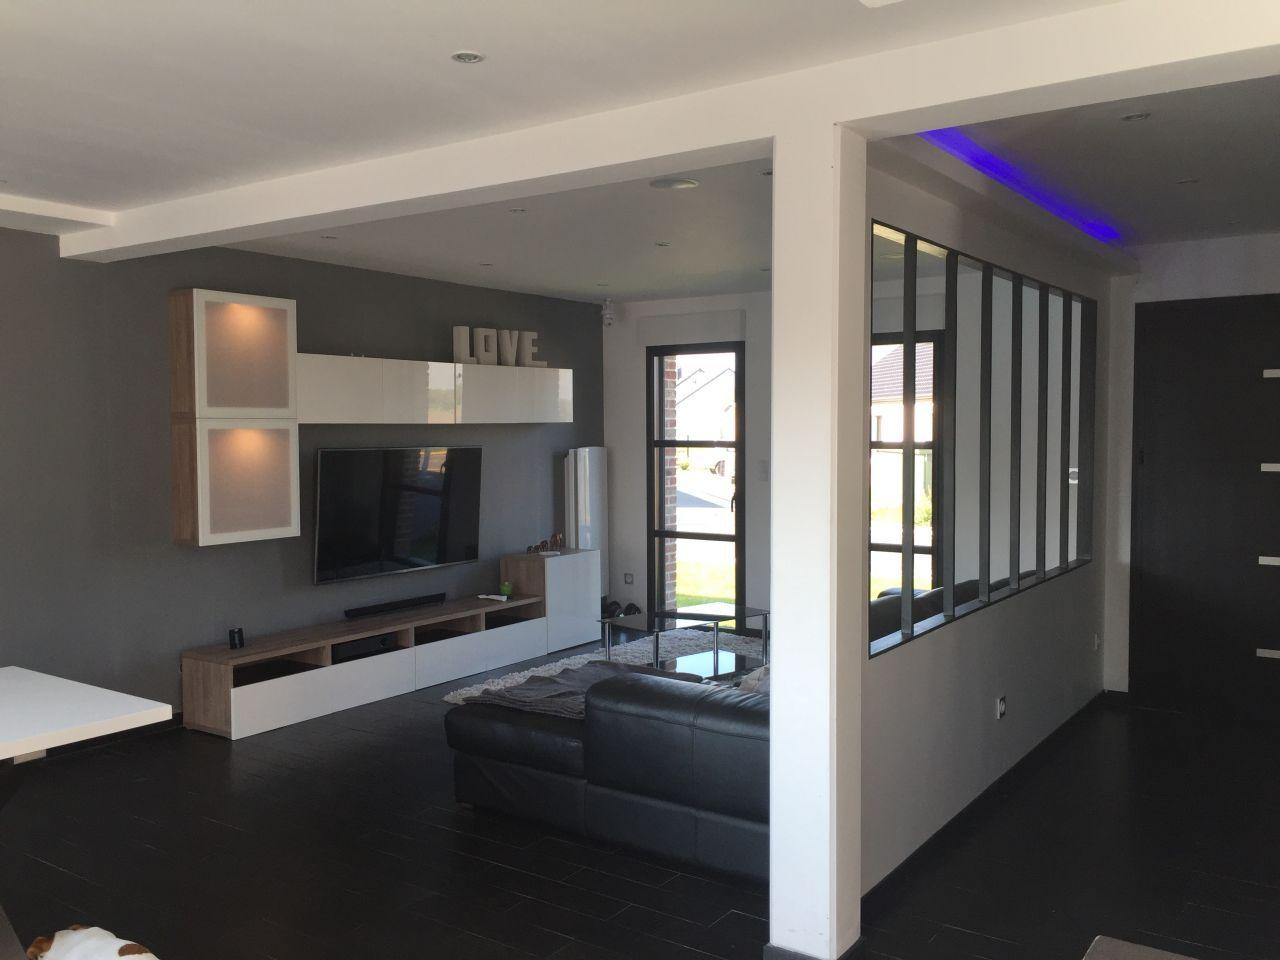 changement du meuble tv construction de notre premi re maison beuvry les b thune par. Black Bedroom Furniture Sets. Home Design Ideas